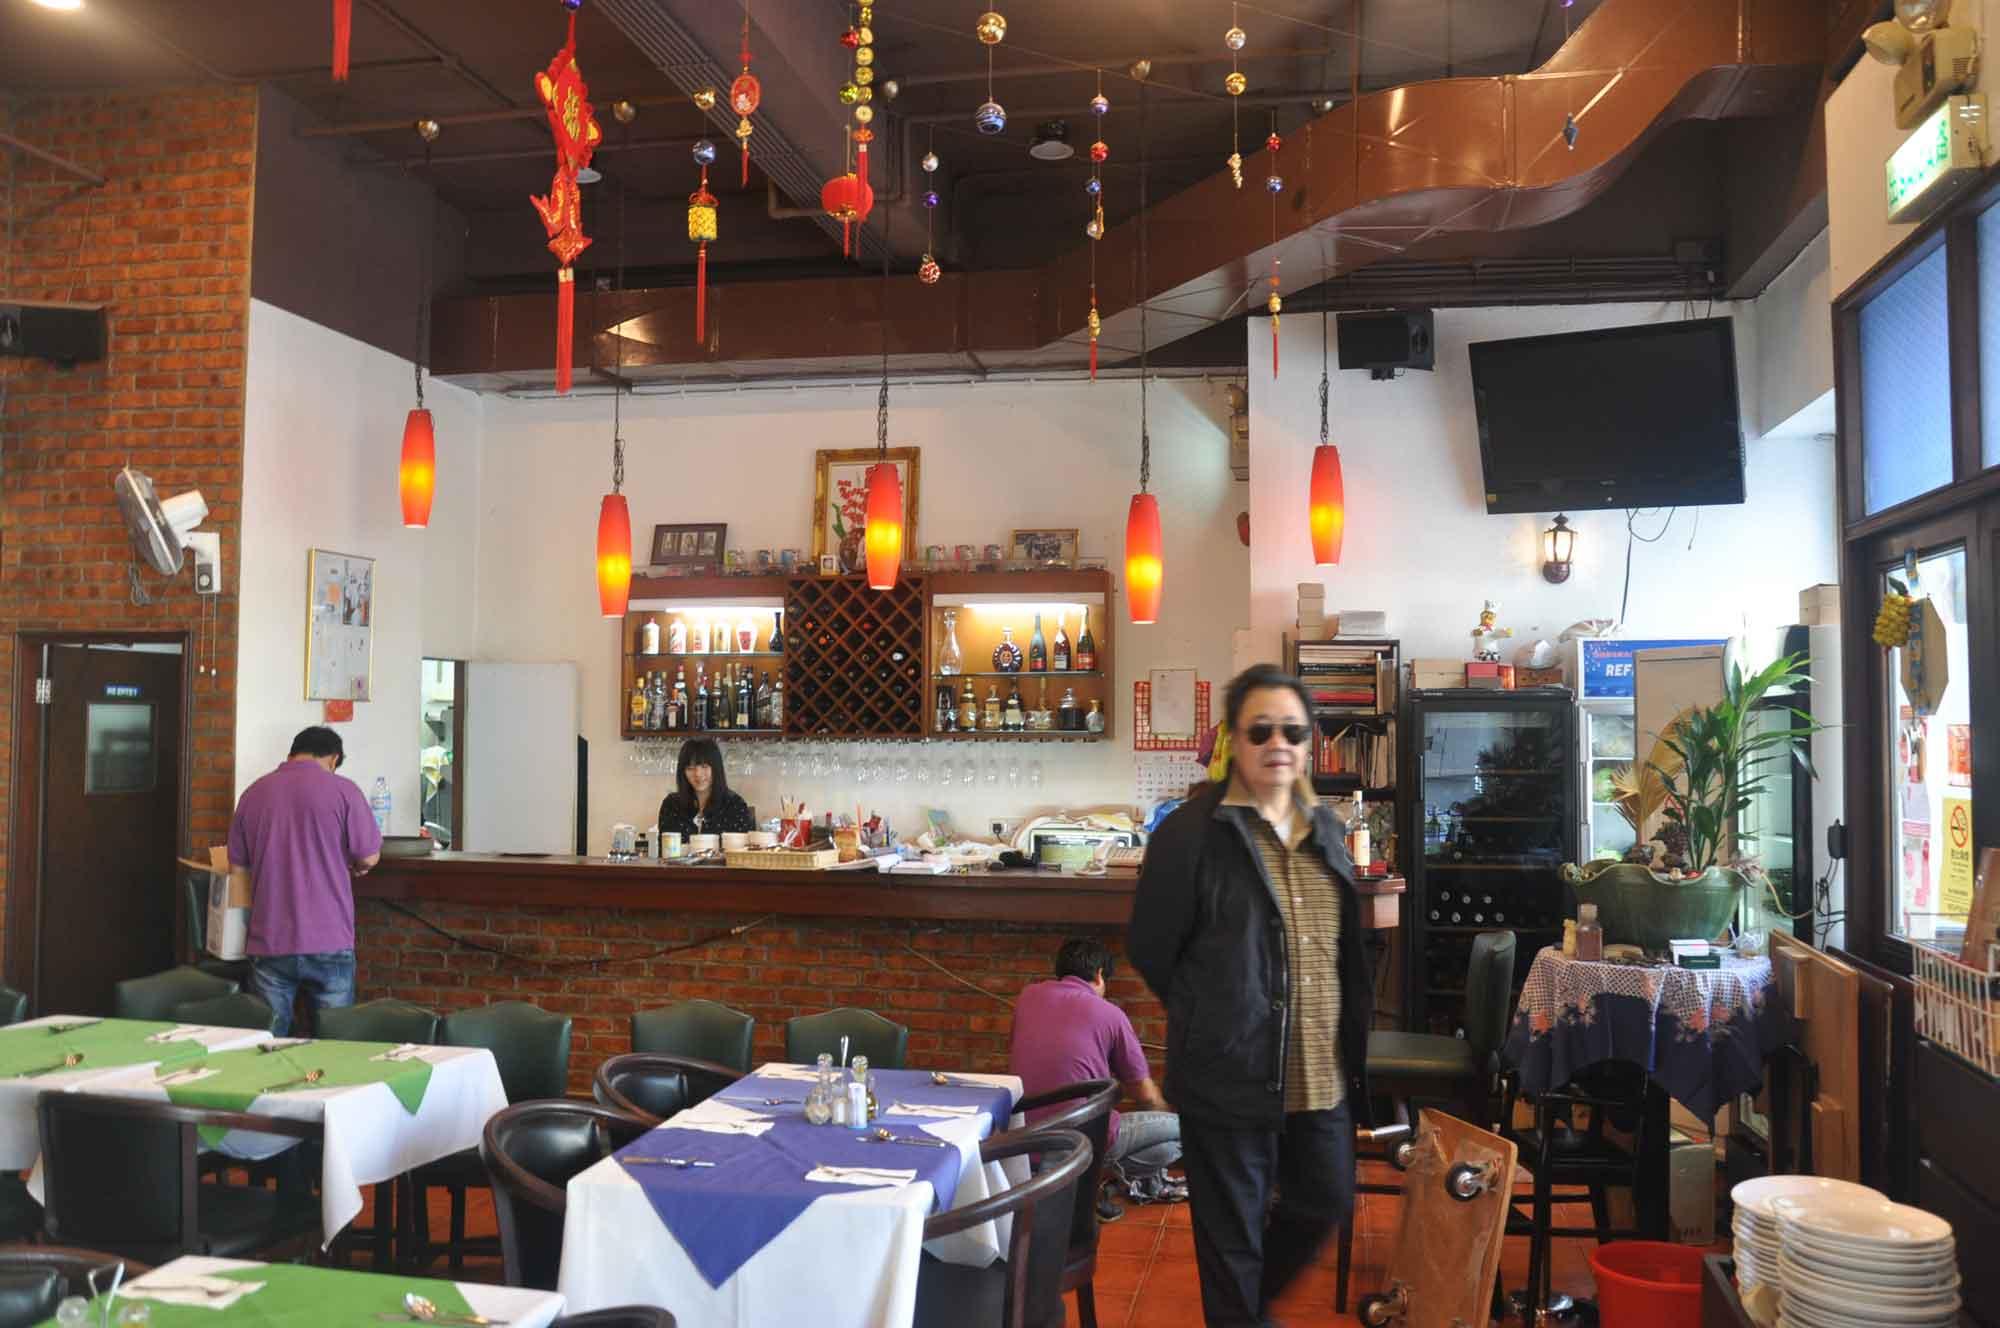 Carlos Restaurant Macau inside